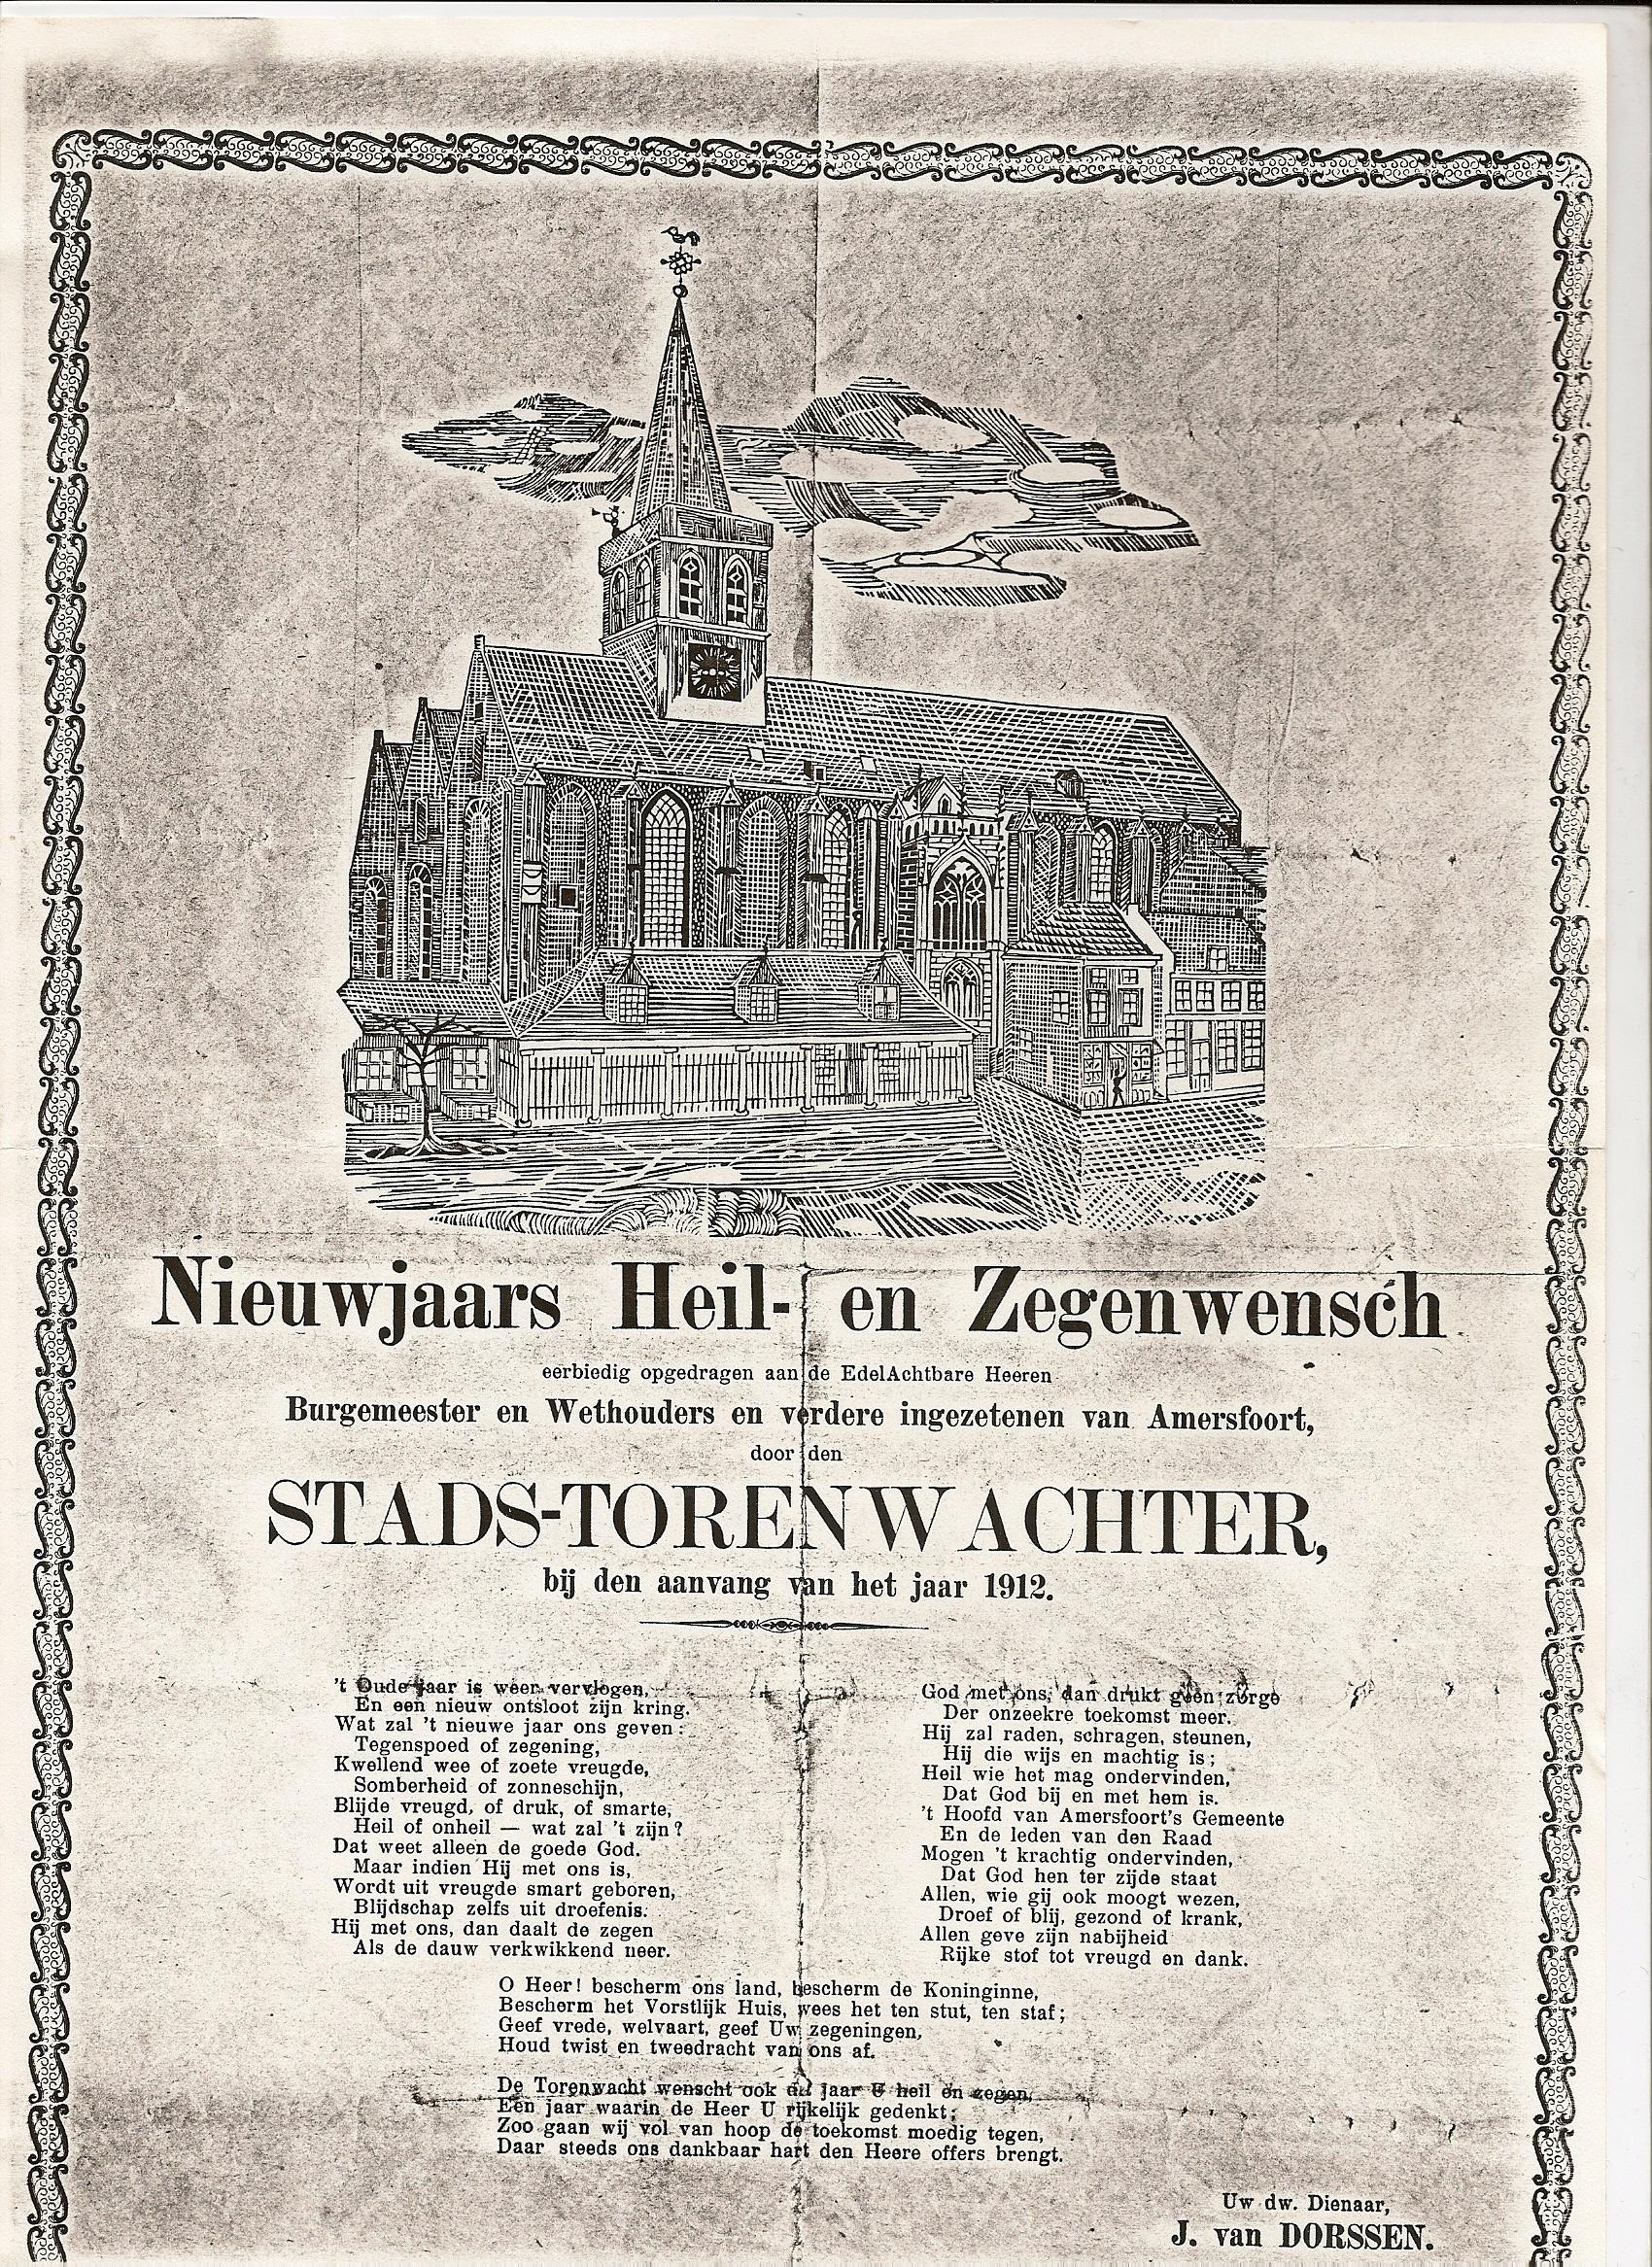 Jacobus_van_Dorssen_Nieuwjaarswens_1912.jpg